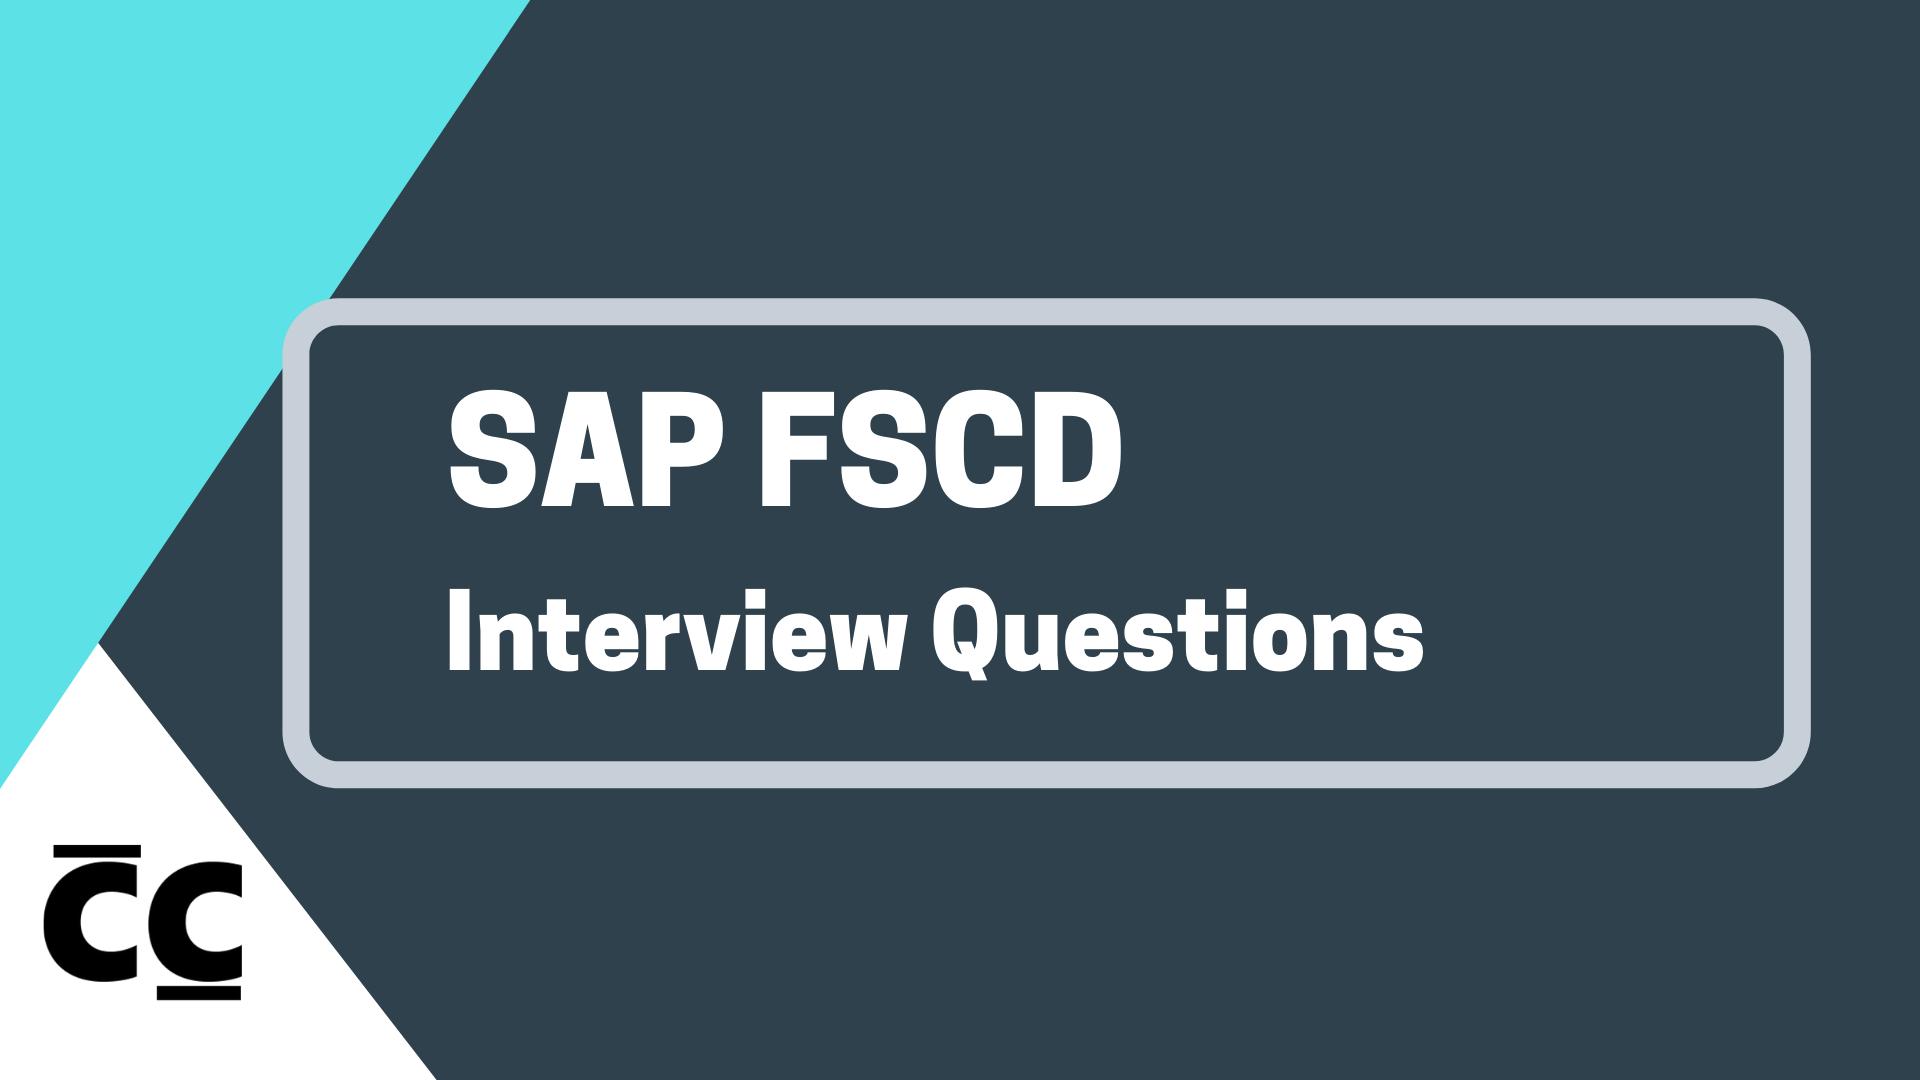 SAP FSCD Interview QUestions